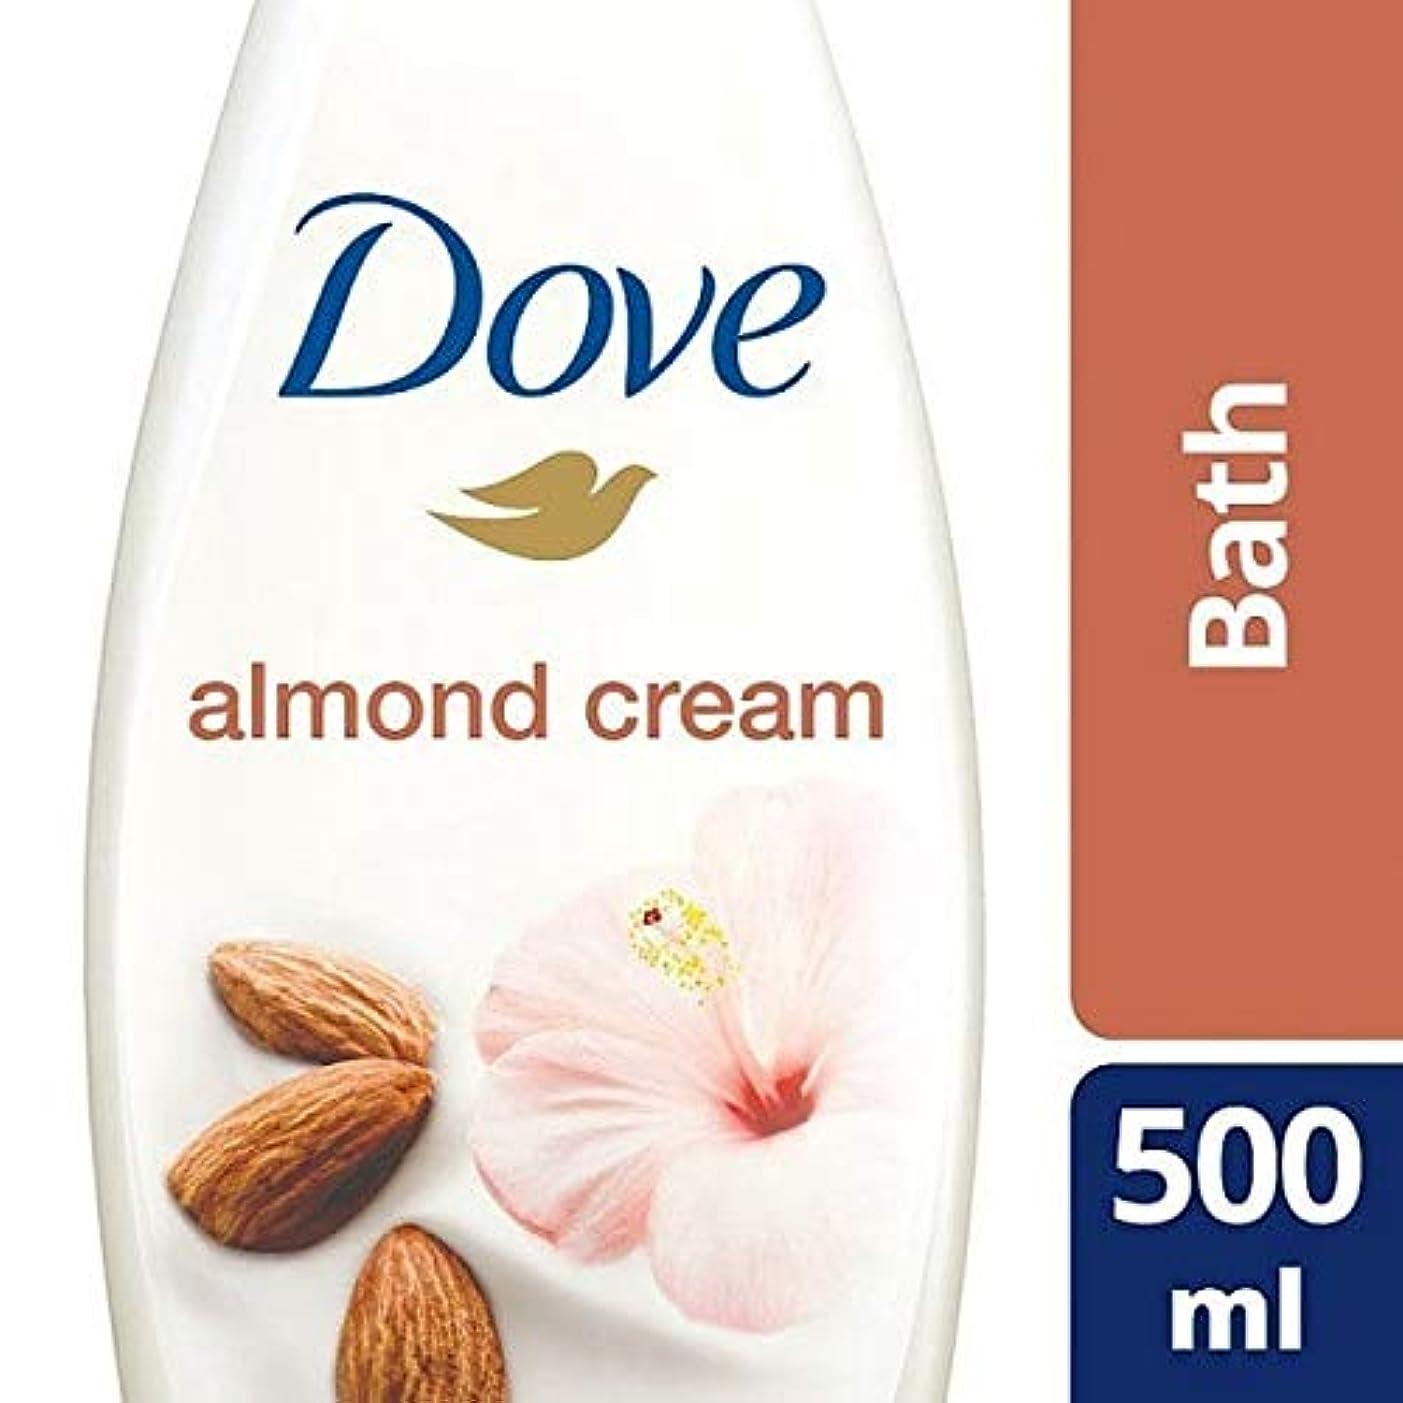 スリップシューズ統治可能フリル[Dove ] 純粋なアーモンド思いやりのあるクリームバスの500ミリリットルを甘やかす鳩 - Dove Purely Pampering Almond Caring Cream Bath 500ml [並行輸入品]